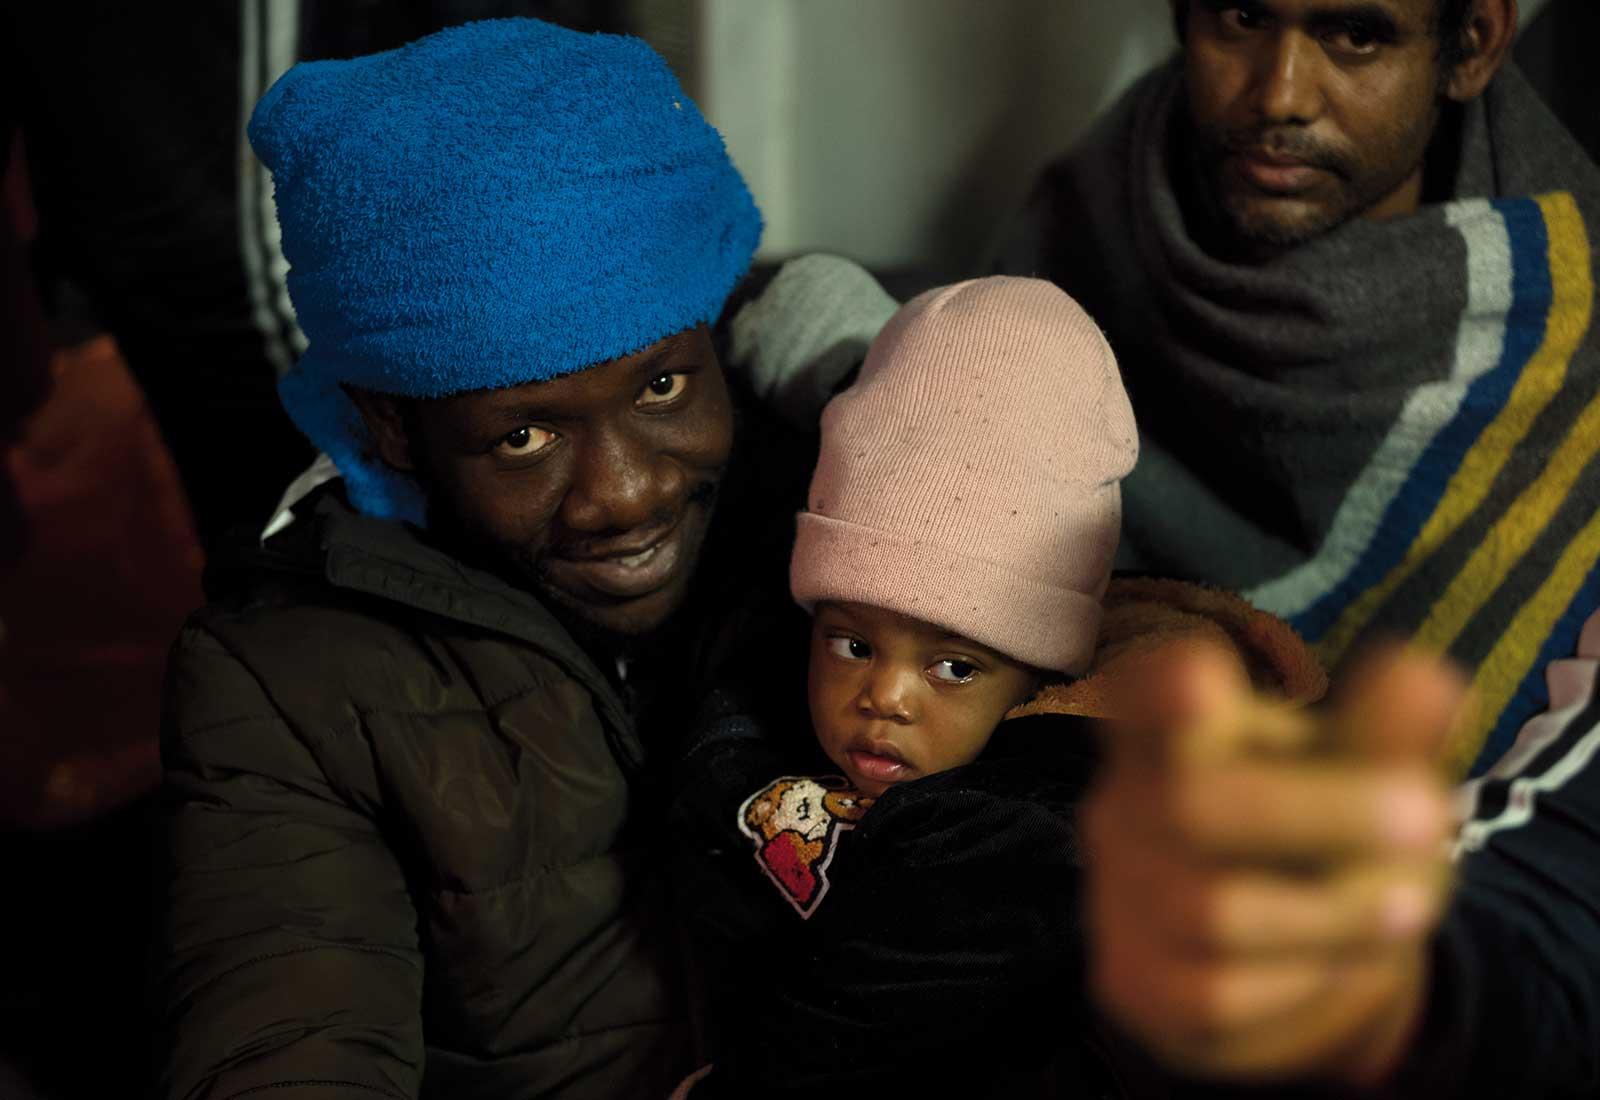 Jolly har virat den blå handduken runt huvudet. Han bär sin dotter i famnen.